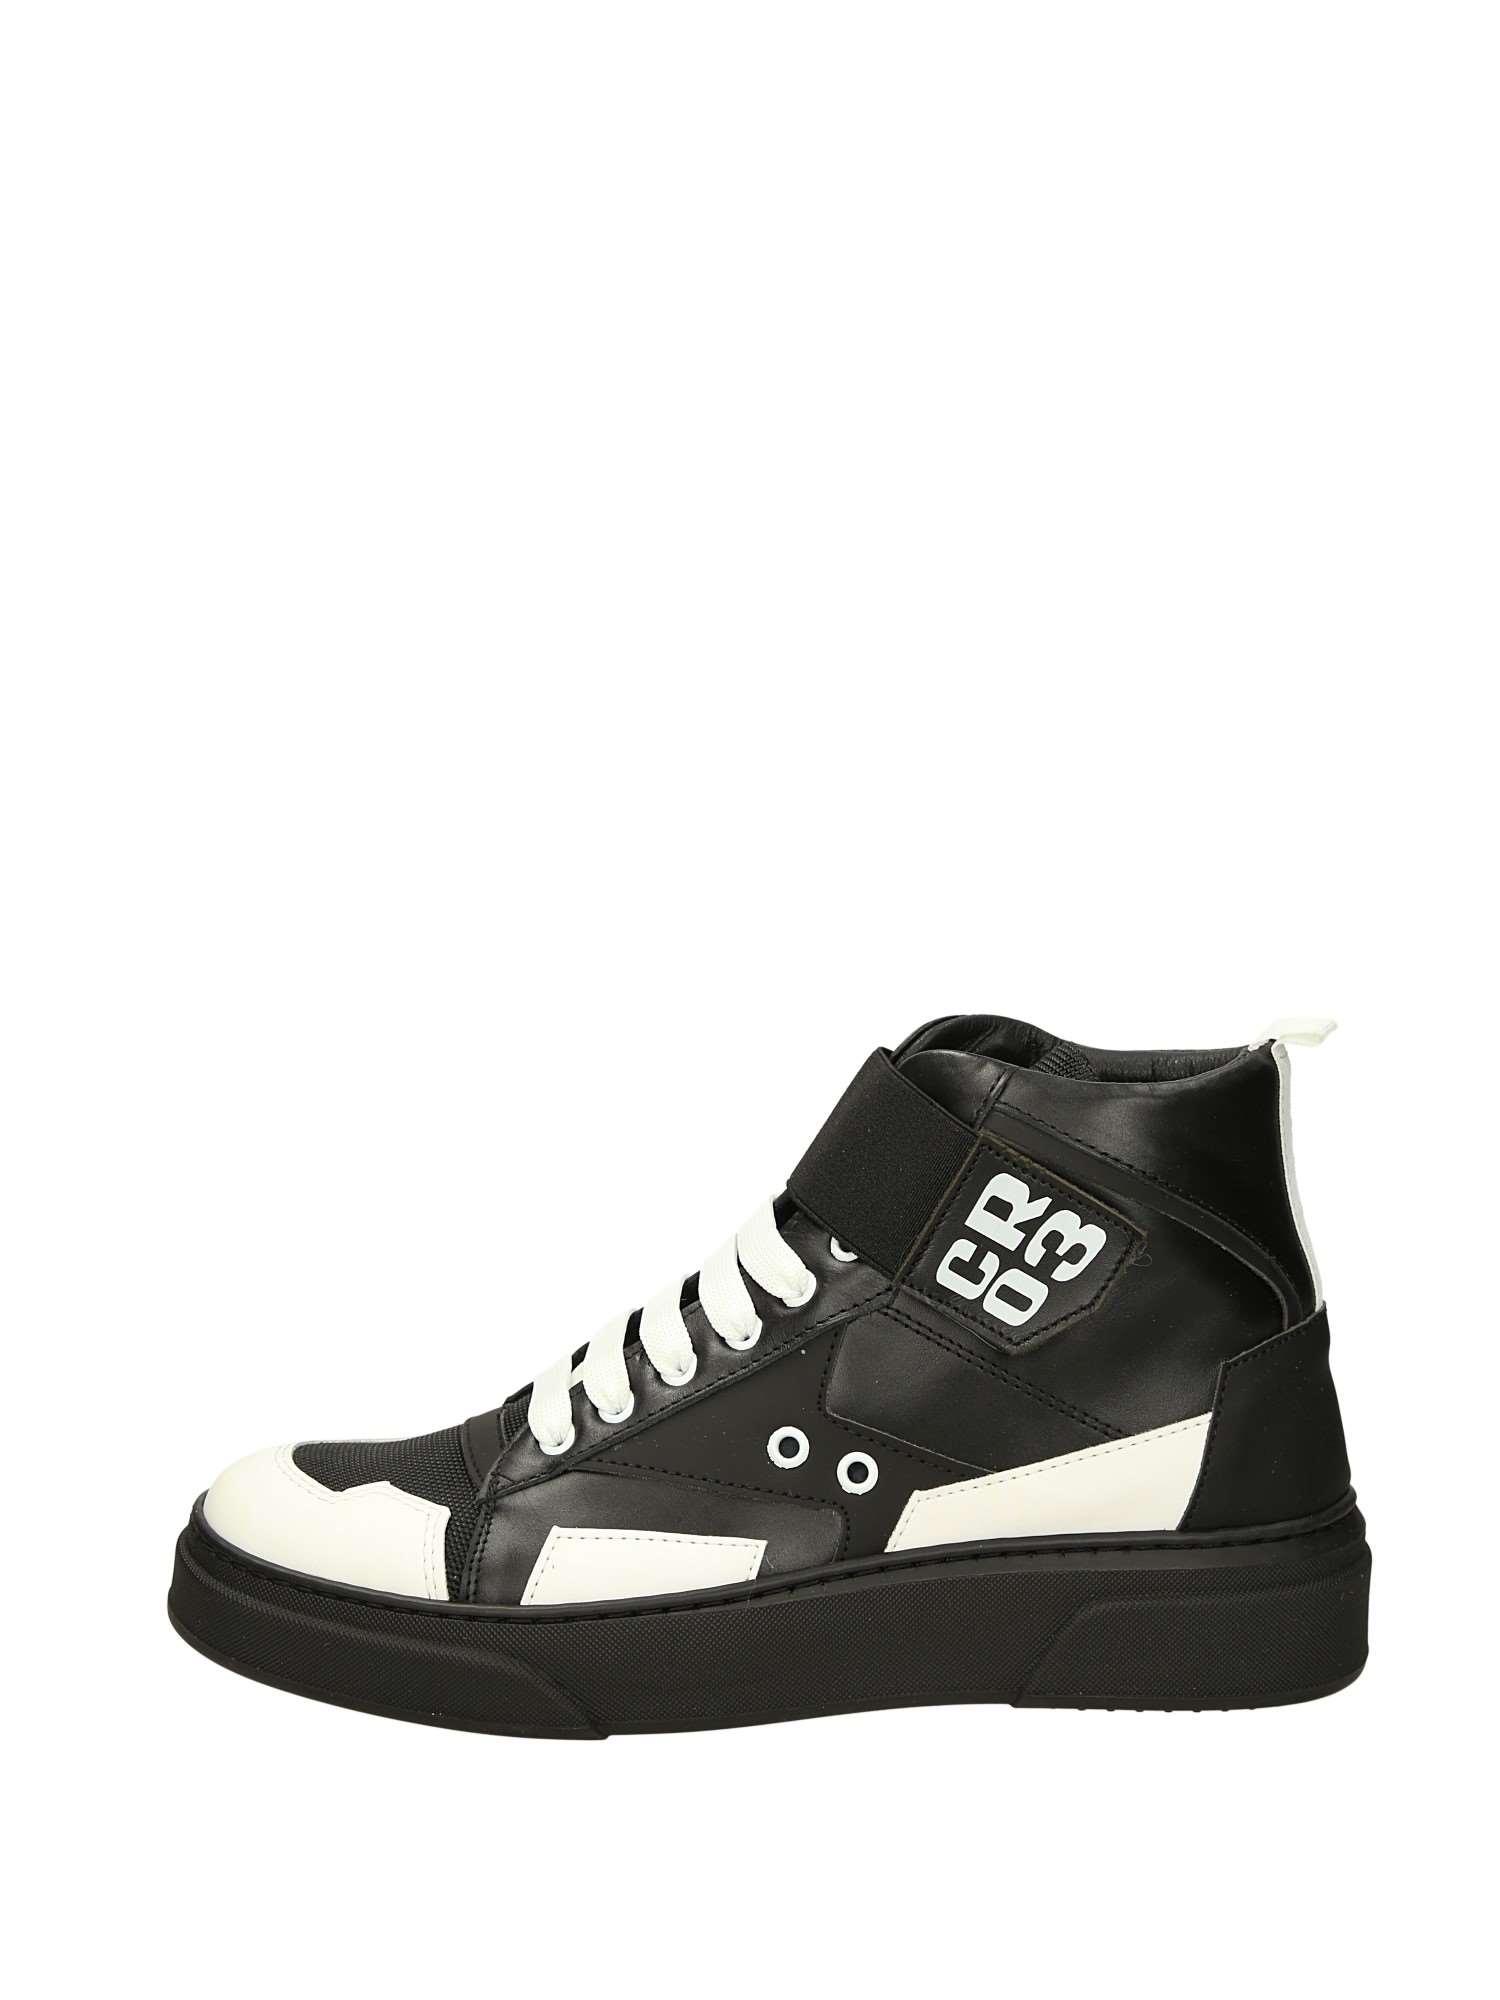 4ea8c54f7a66c Cr03 001 VERSIONE 2 Nero Scarpe Uomo Sneakers